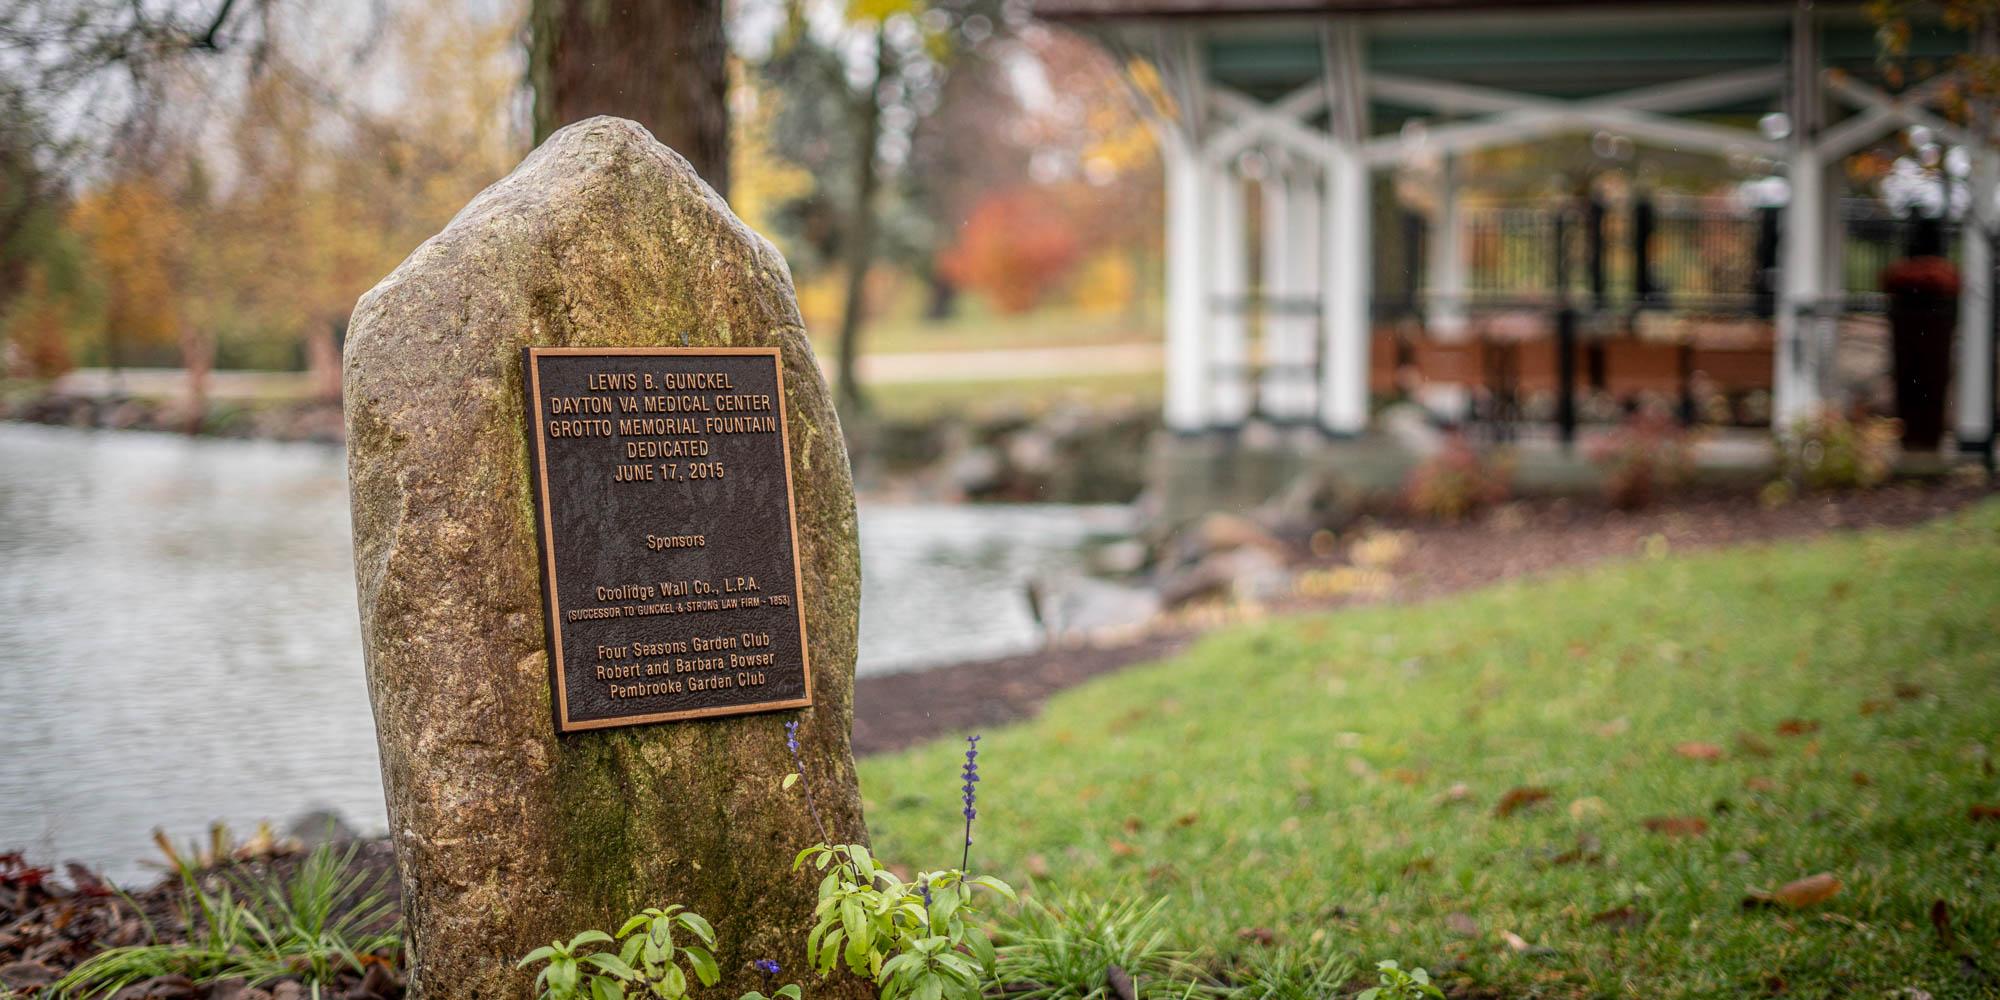 Dayton VA fountain, Coolidge Wall